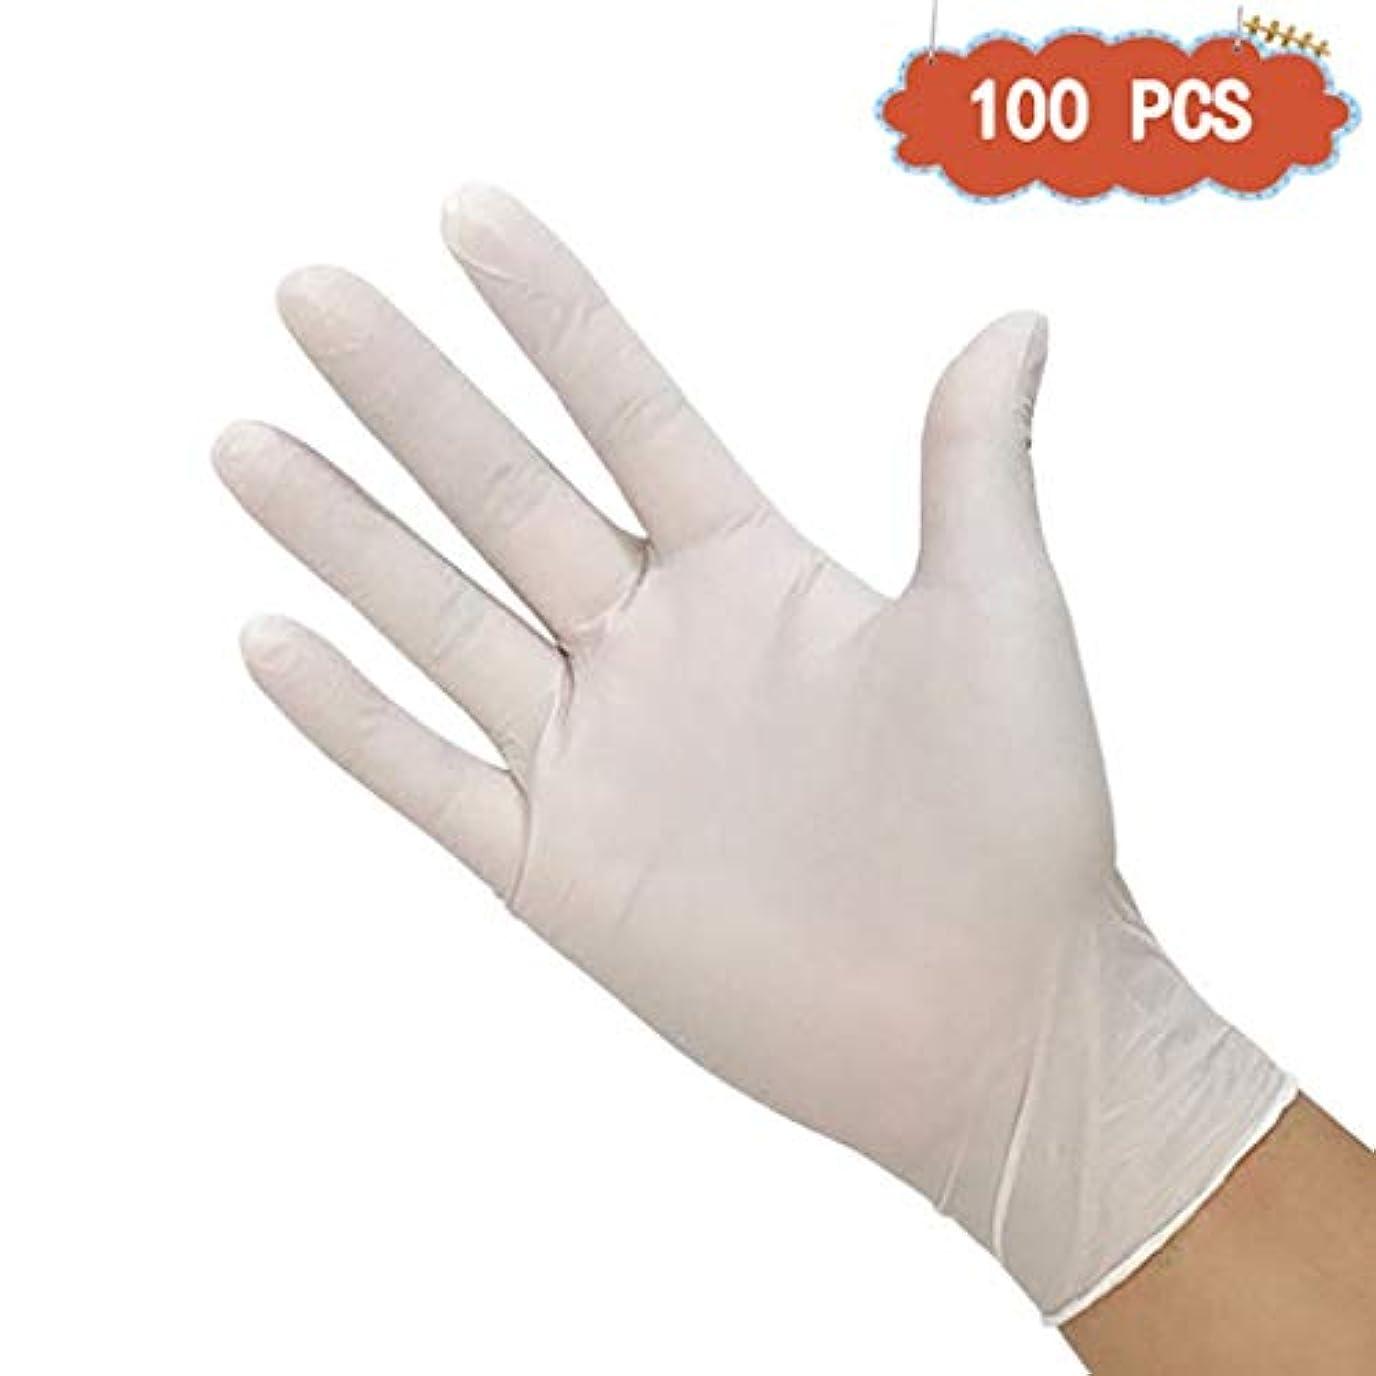 最小化する注目すべき感染するニトリルホームクリーニングと酸とアルカリ使い捨て手袋ペットケアネイルアート検査保護実験、ビューティーサロンラテックスフリー、パウダーフリー、両手利き、100個 (Size : M)